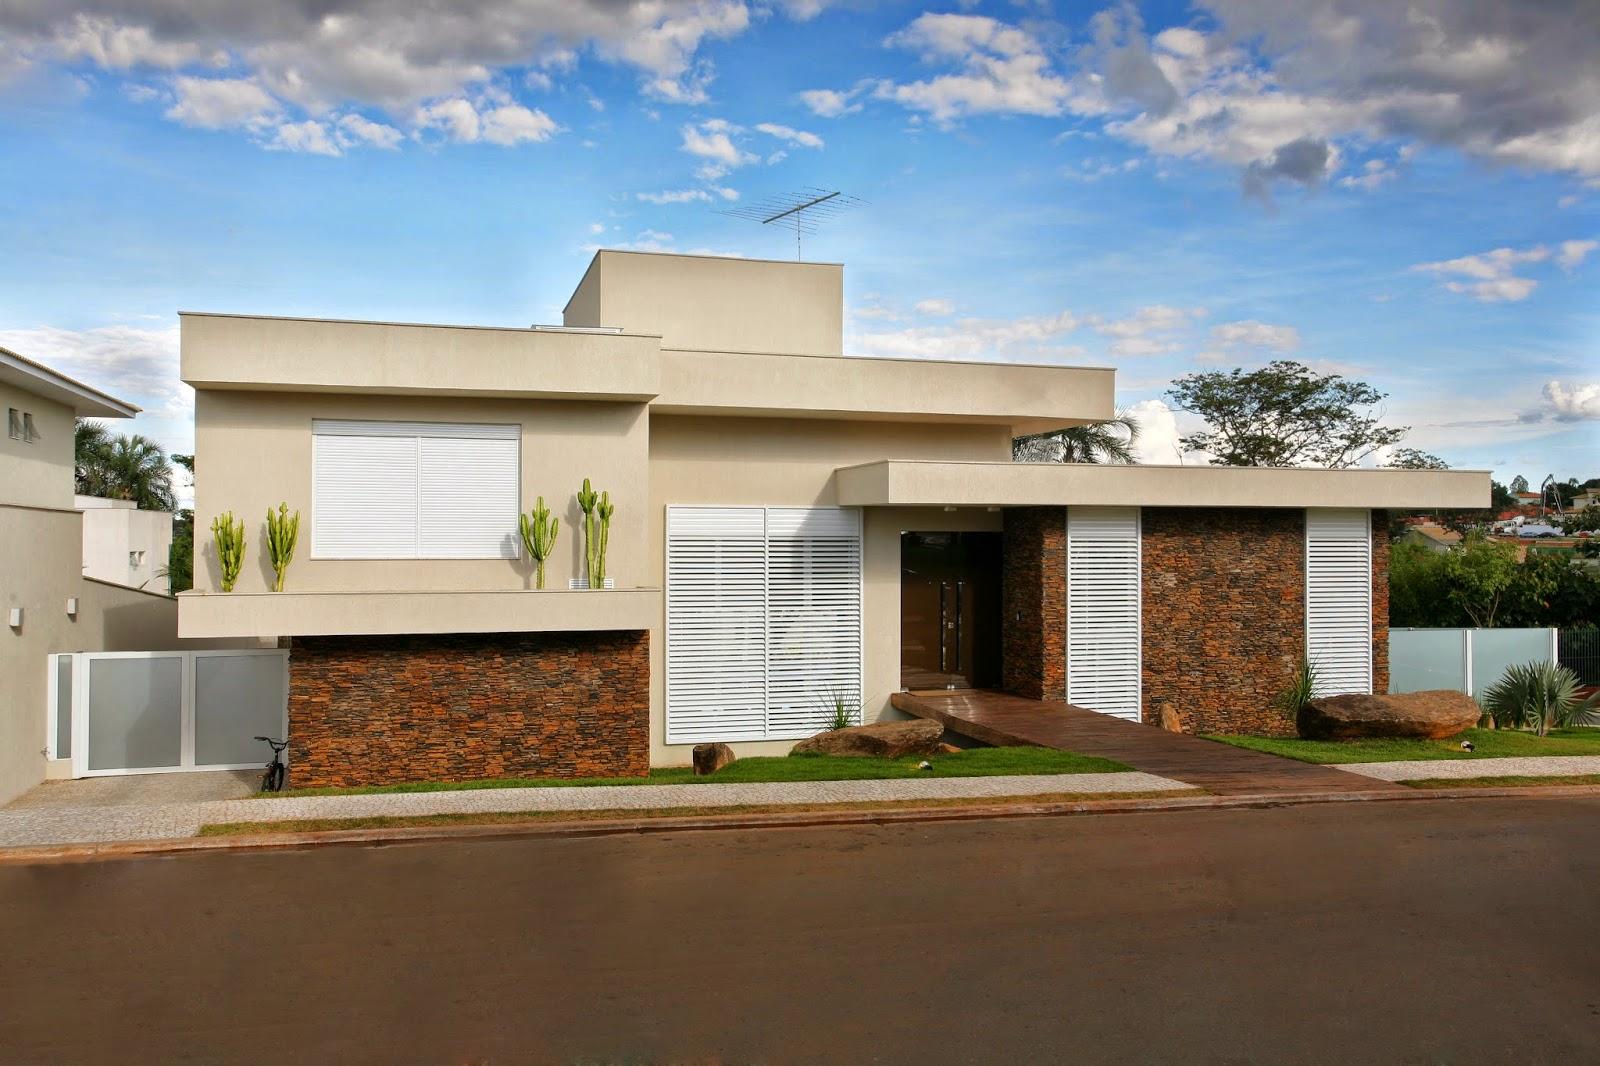 35 modelos de fachadas decoradas com pedras for Modelos de casas fachadas fotos